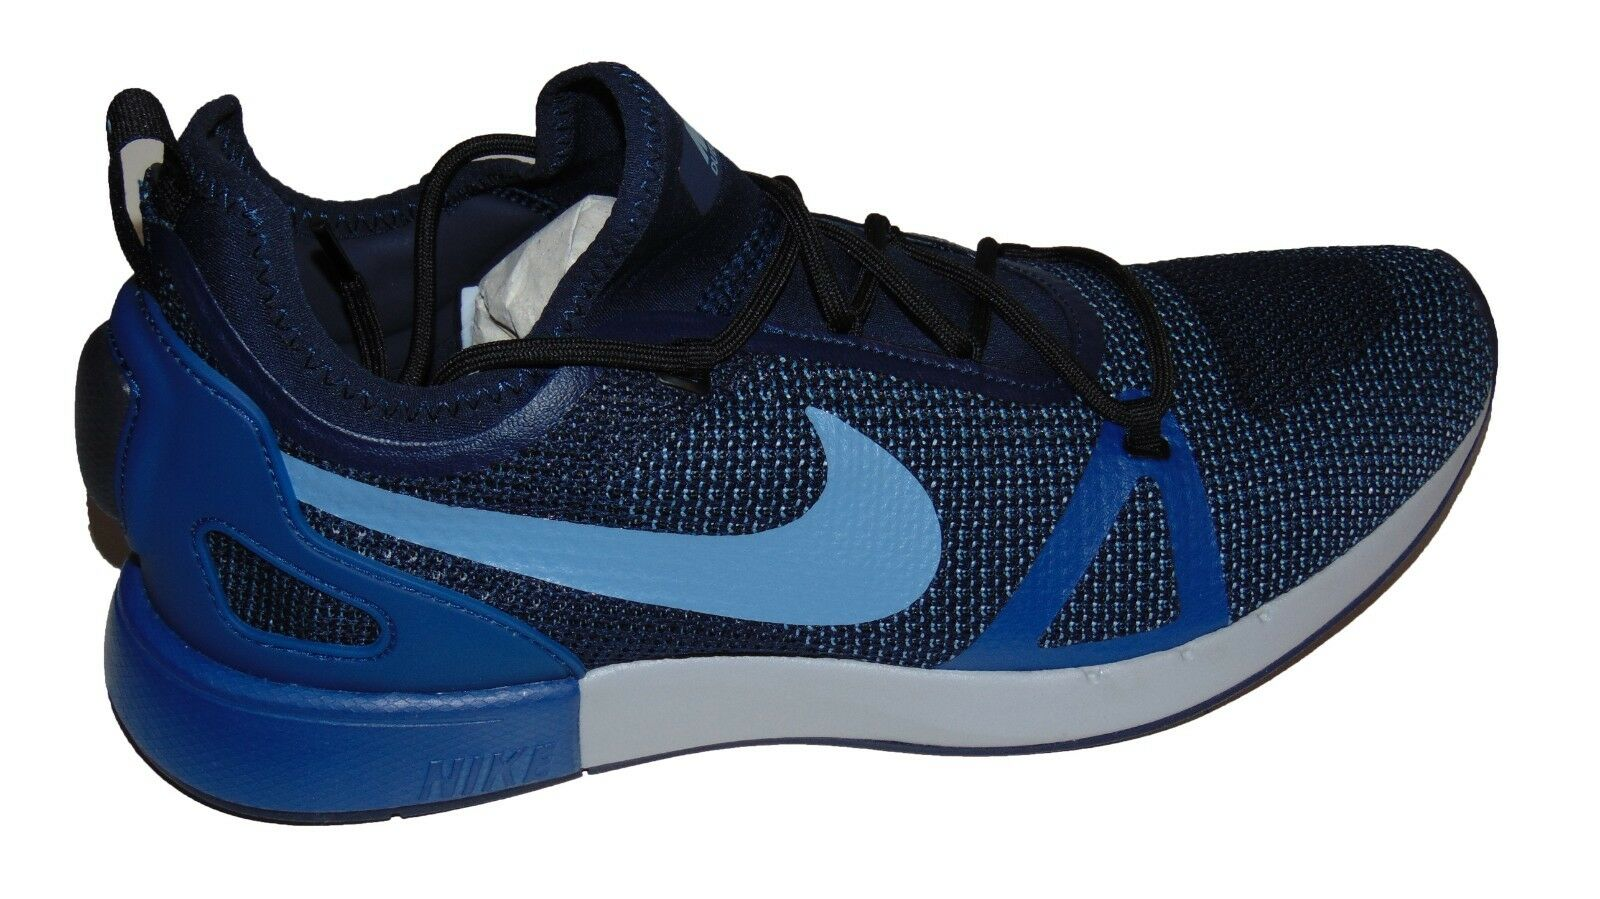 nike uomini uomini uomini duello racer scarpe taglia 11 918228 blu | diversità  | Garanzia autentica  | Sig/Sig Ra Scarpa  | Sig/Sig Ra Scarpa  a208dd